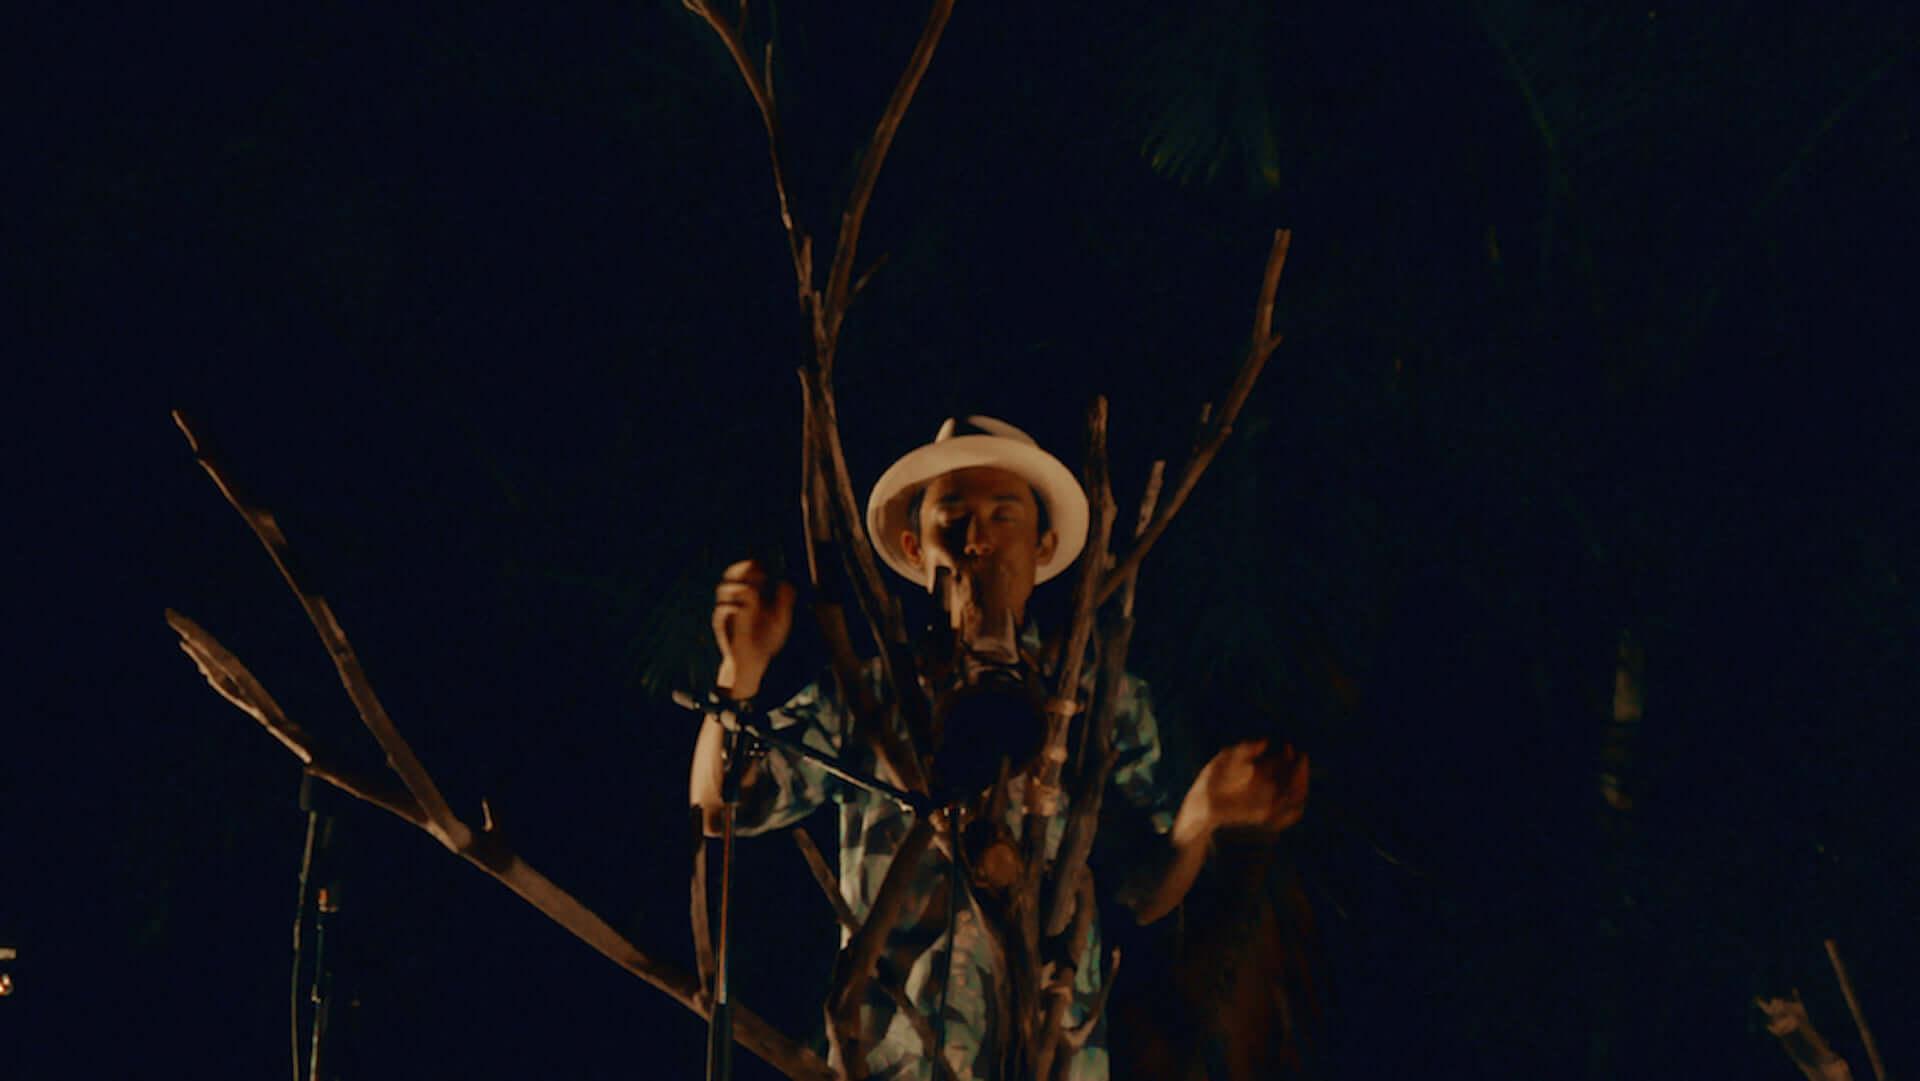 豊田利晃監督のドキュメンタリー映画『プラネティスト』初日舞台挨拶が開催決定!出演のGOMA、渋川清彦も登壇 film200706_planetist_1-1920x1081